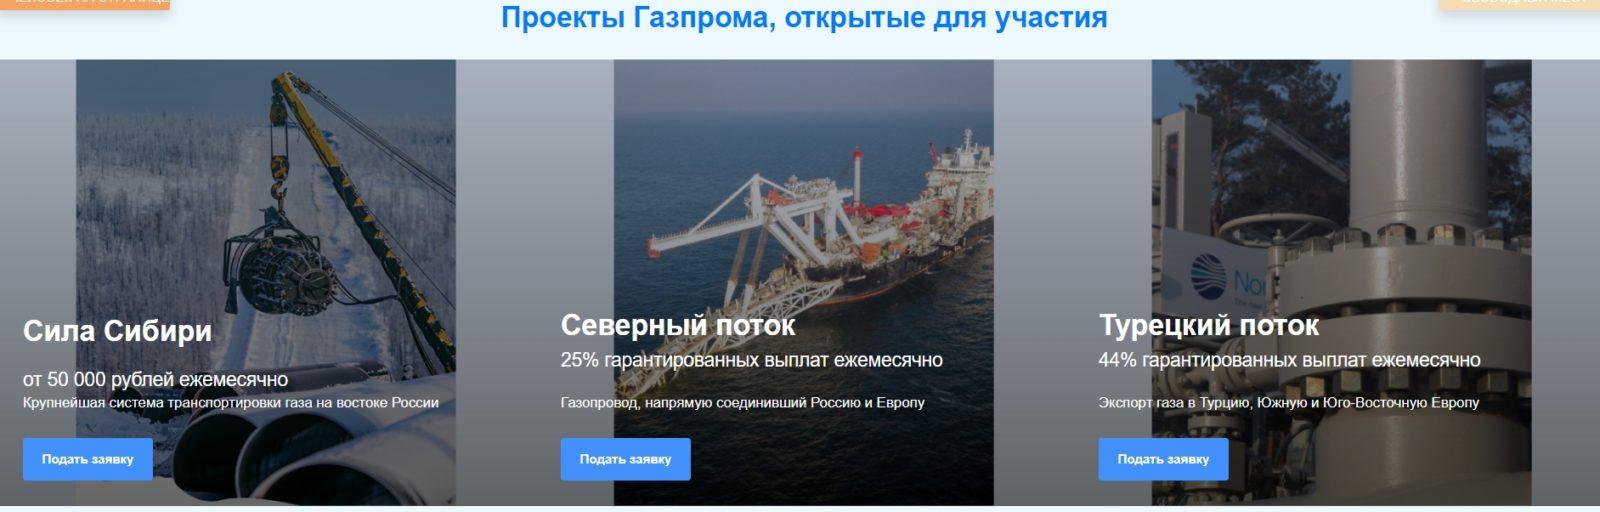 Газпром инвестиции